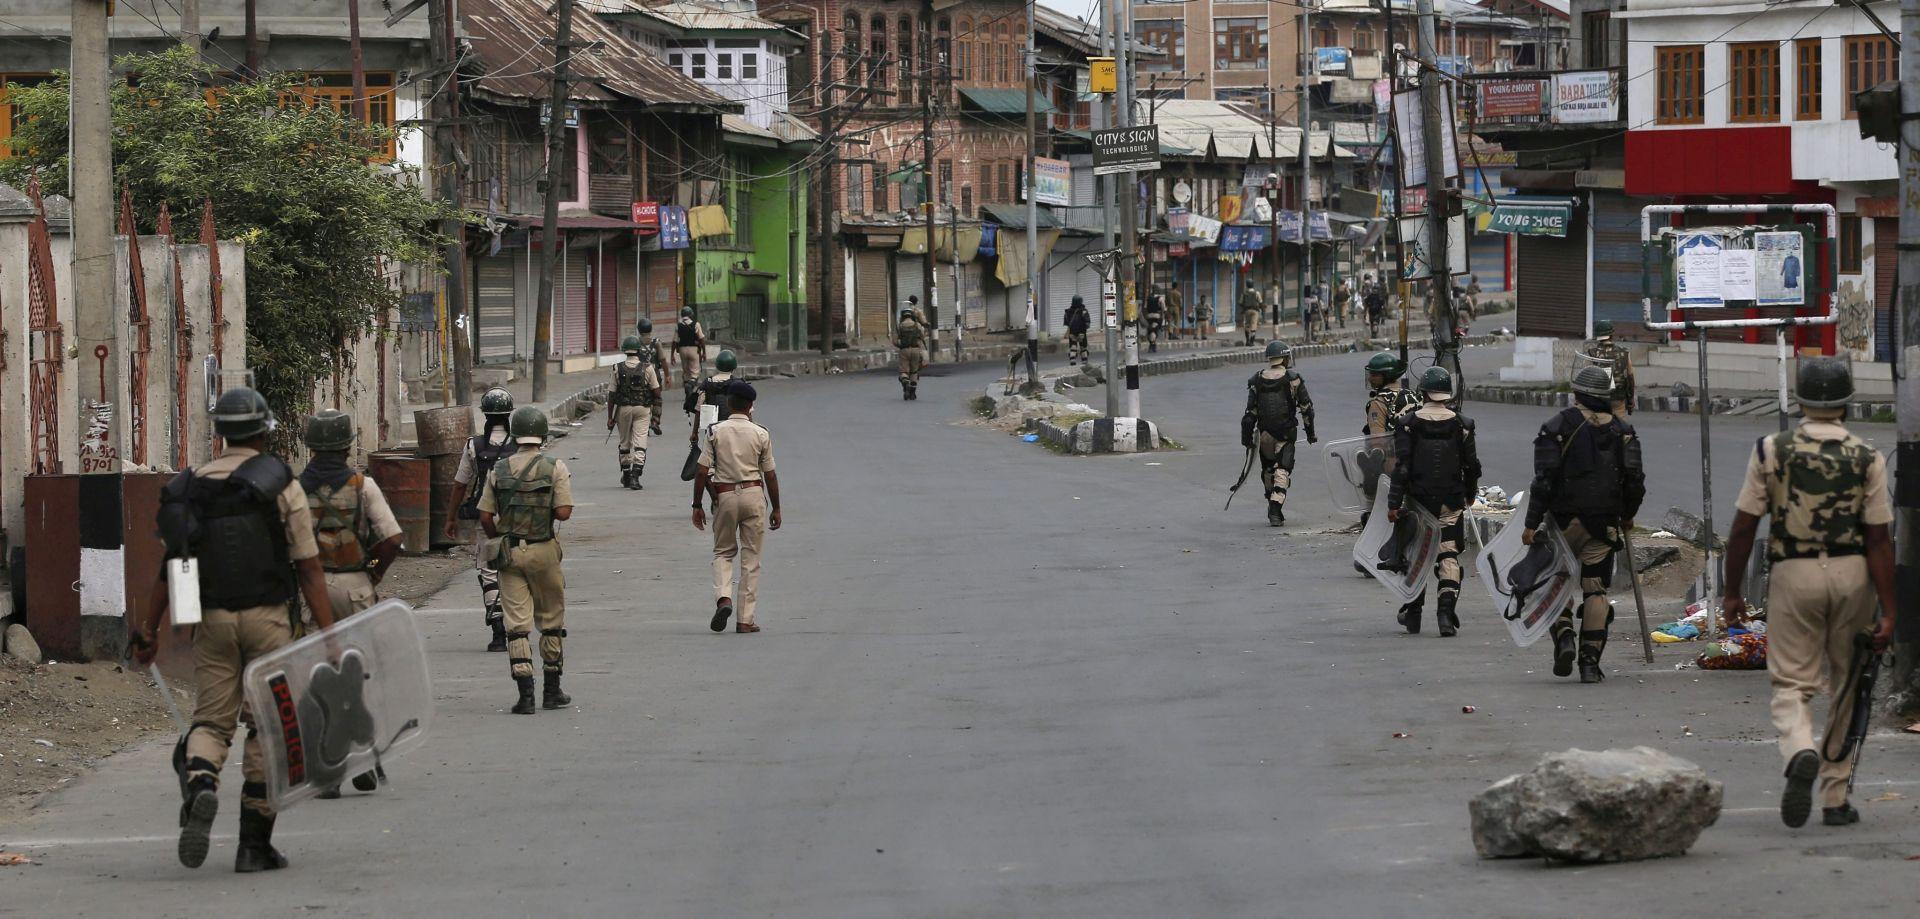 Napadači ubili 13 osoba na sajmu u sjeveroistočnoj Indiji